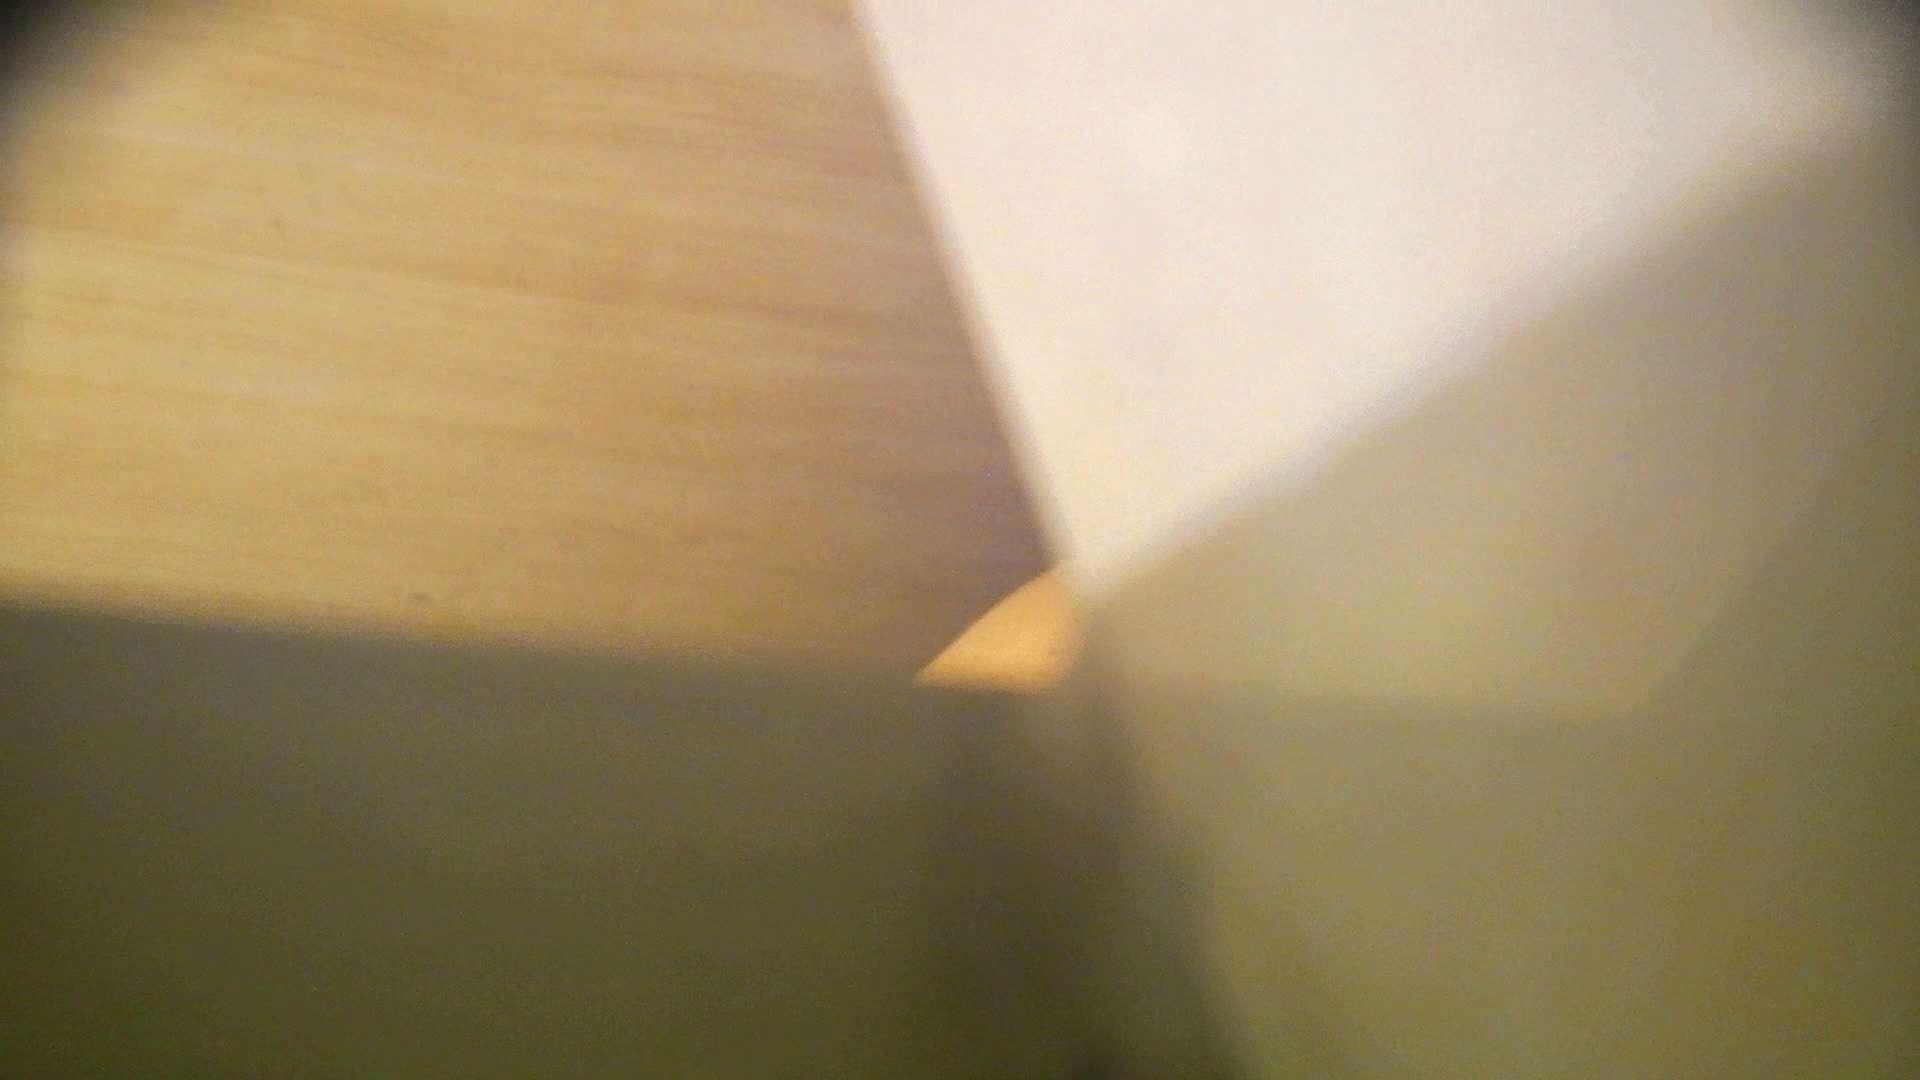 阿国ちゃんの「和式洋式七変化」No.12 和式 | 洗面所着替え  101連発 50